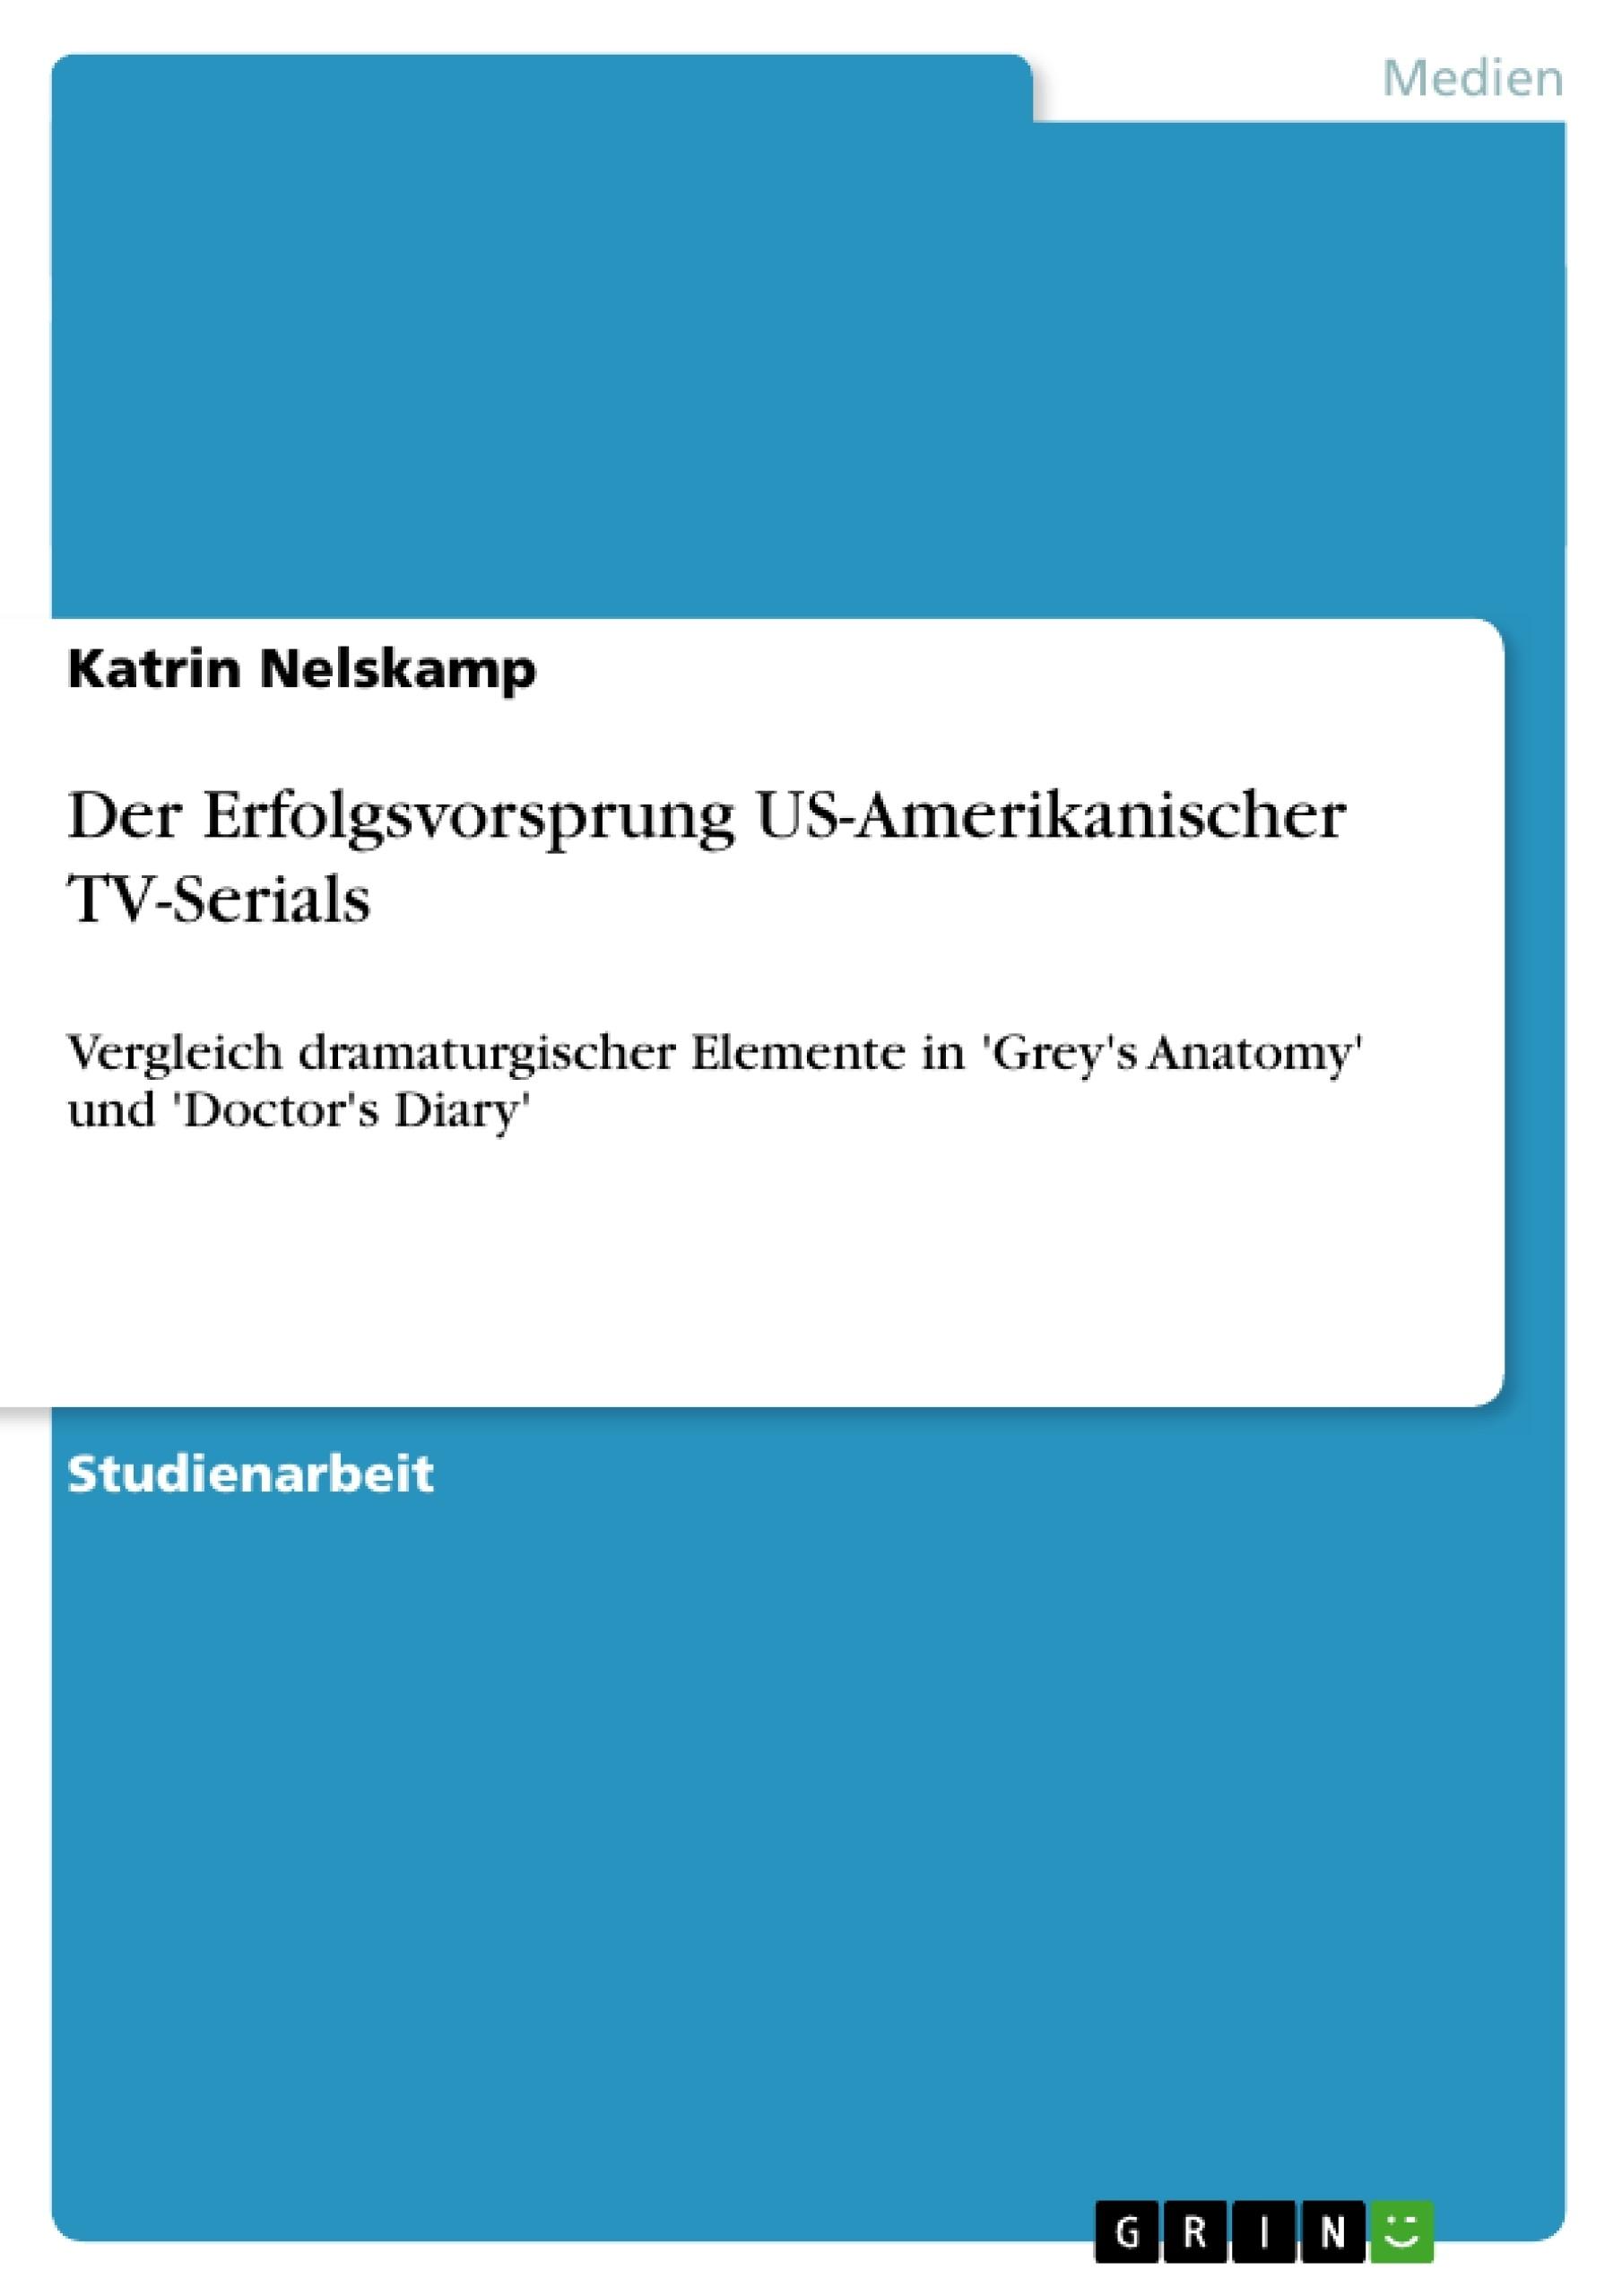 Titel: Der Erfolgsvorsprung US-Amerikanischer TV-Serials